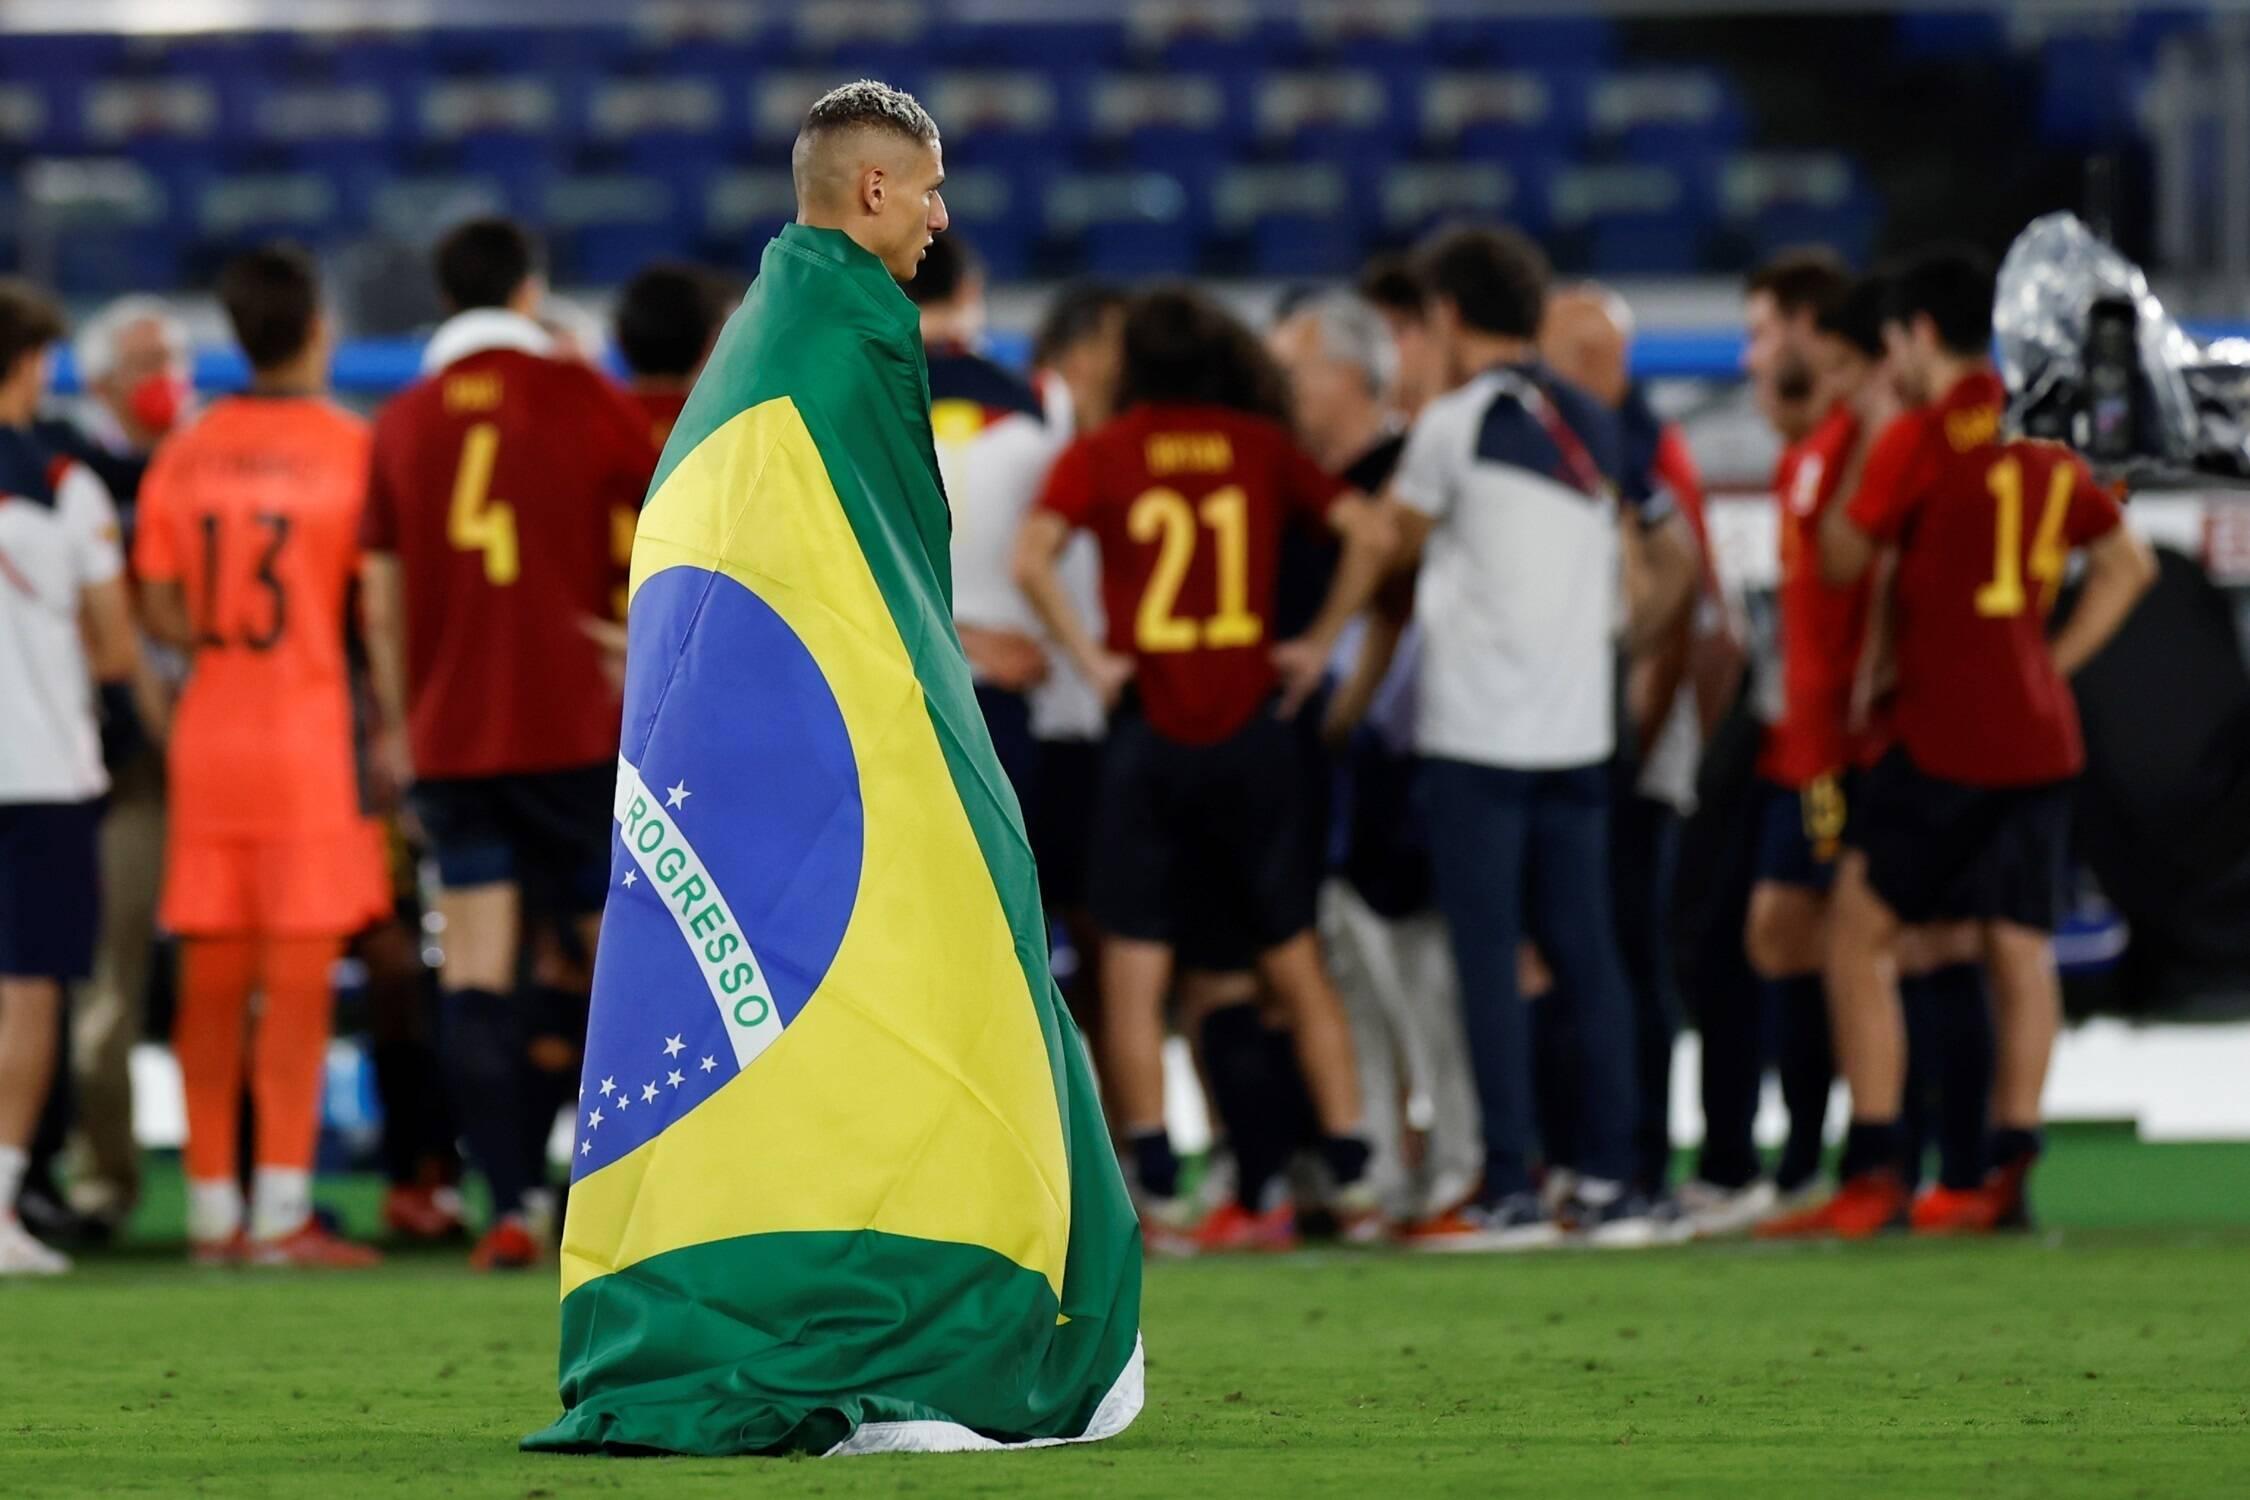 La estrella del Everton comenta sobre ganar la medalla de oro para Brasil